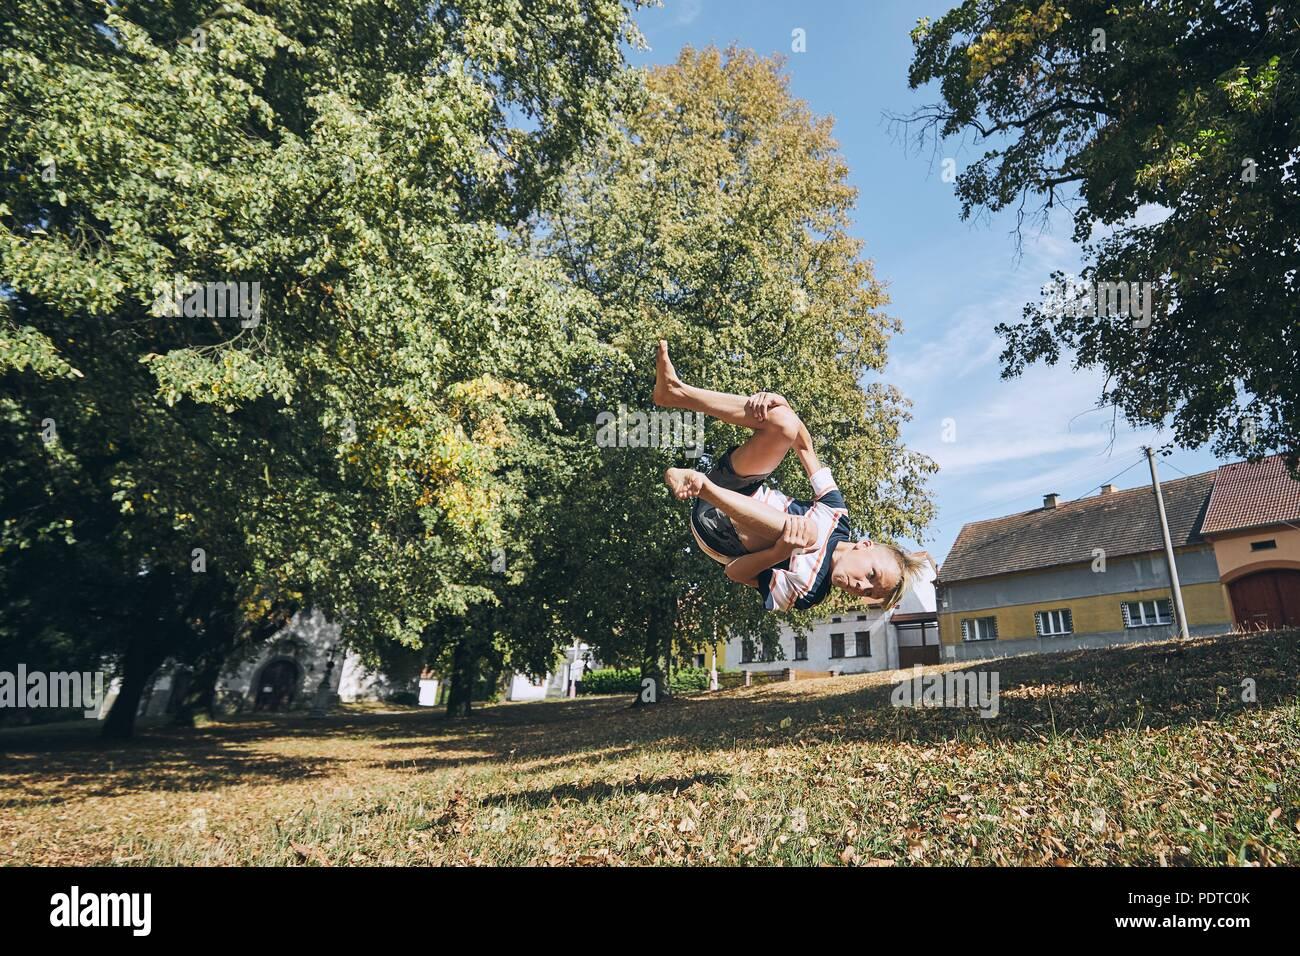 Boy practicando runnuing libre en parque público y saltar hacia abajo. Imagen De Stock